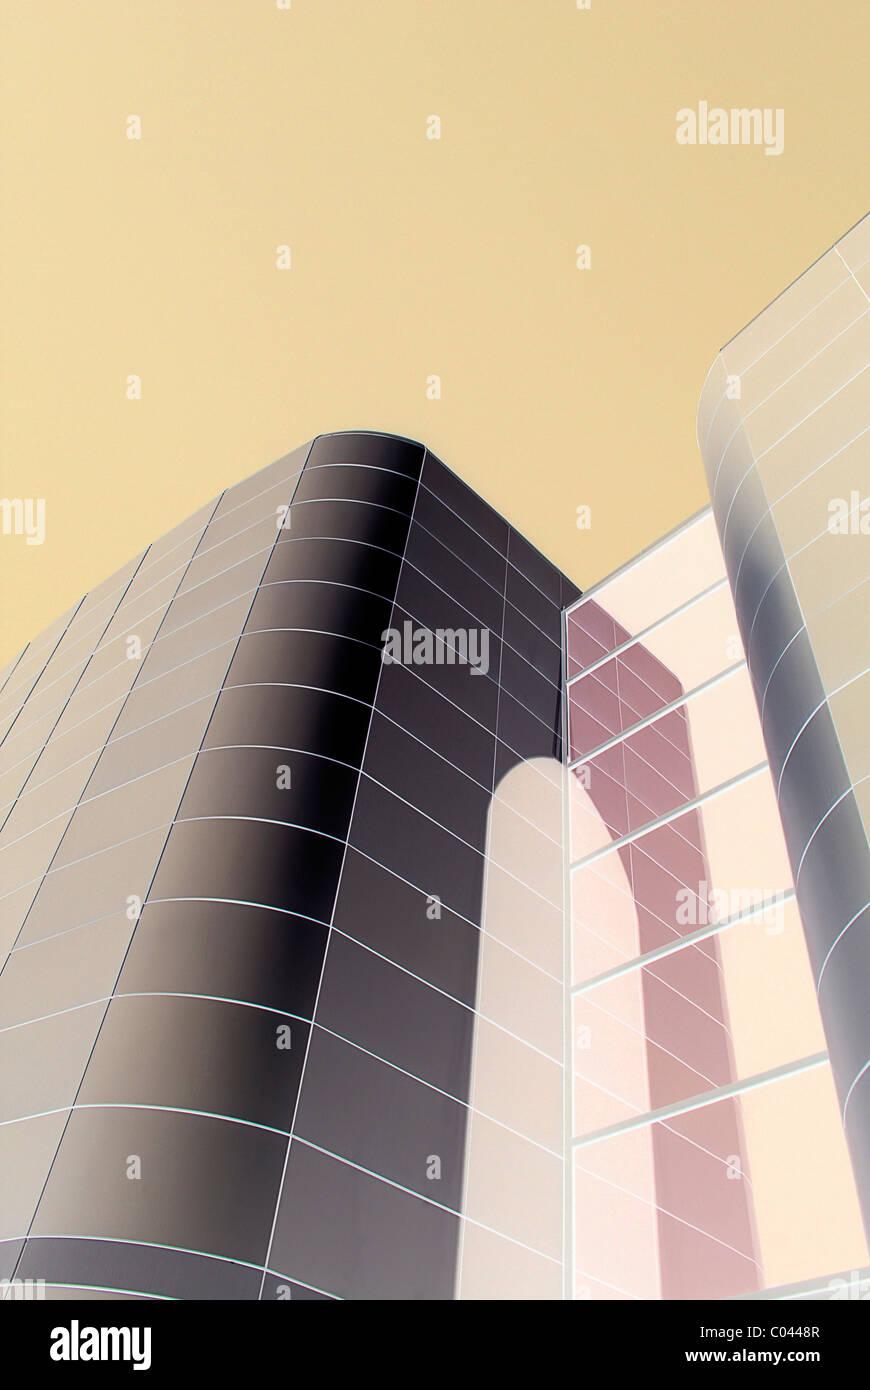 La arquitectura moderna Imagen De Stock